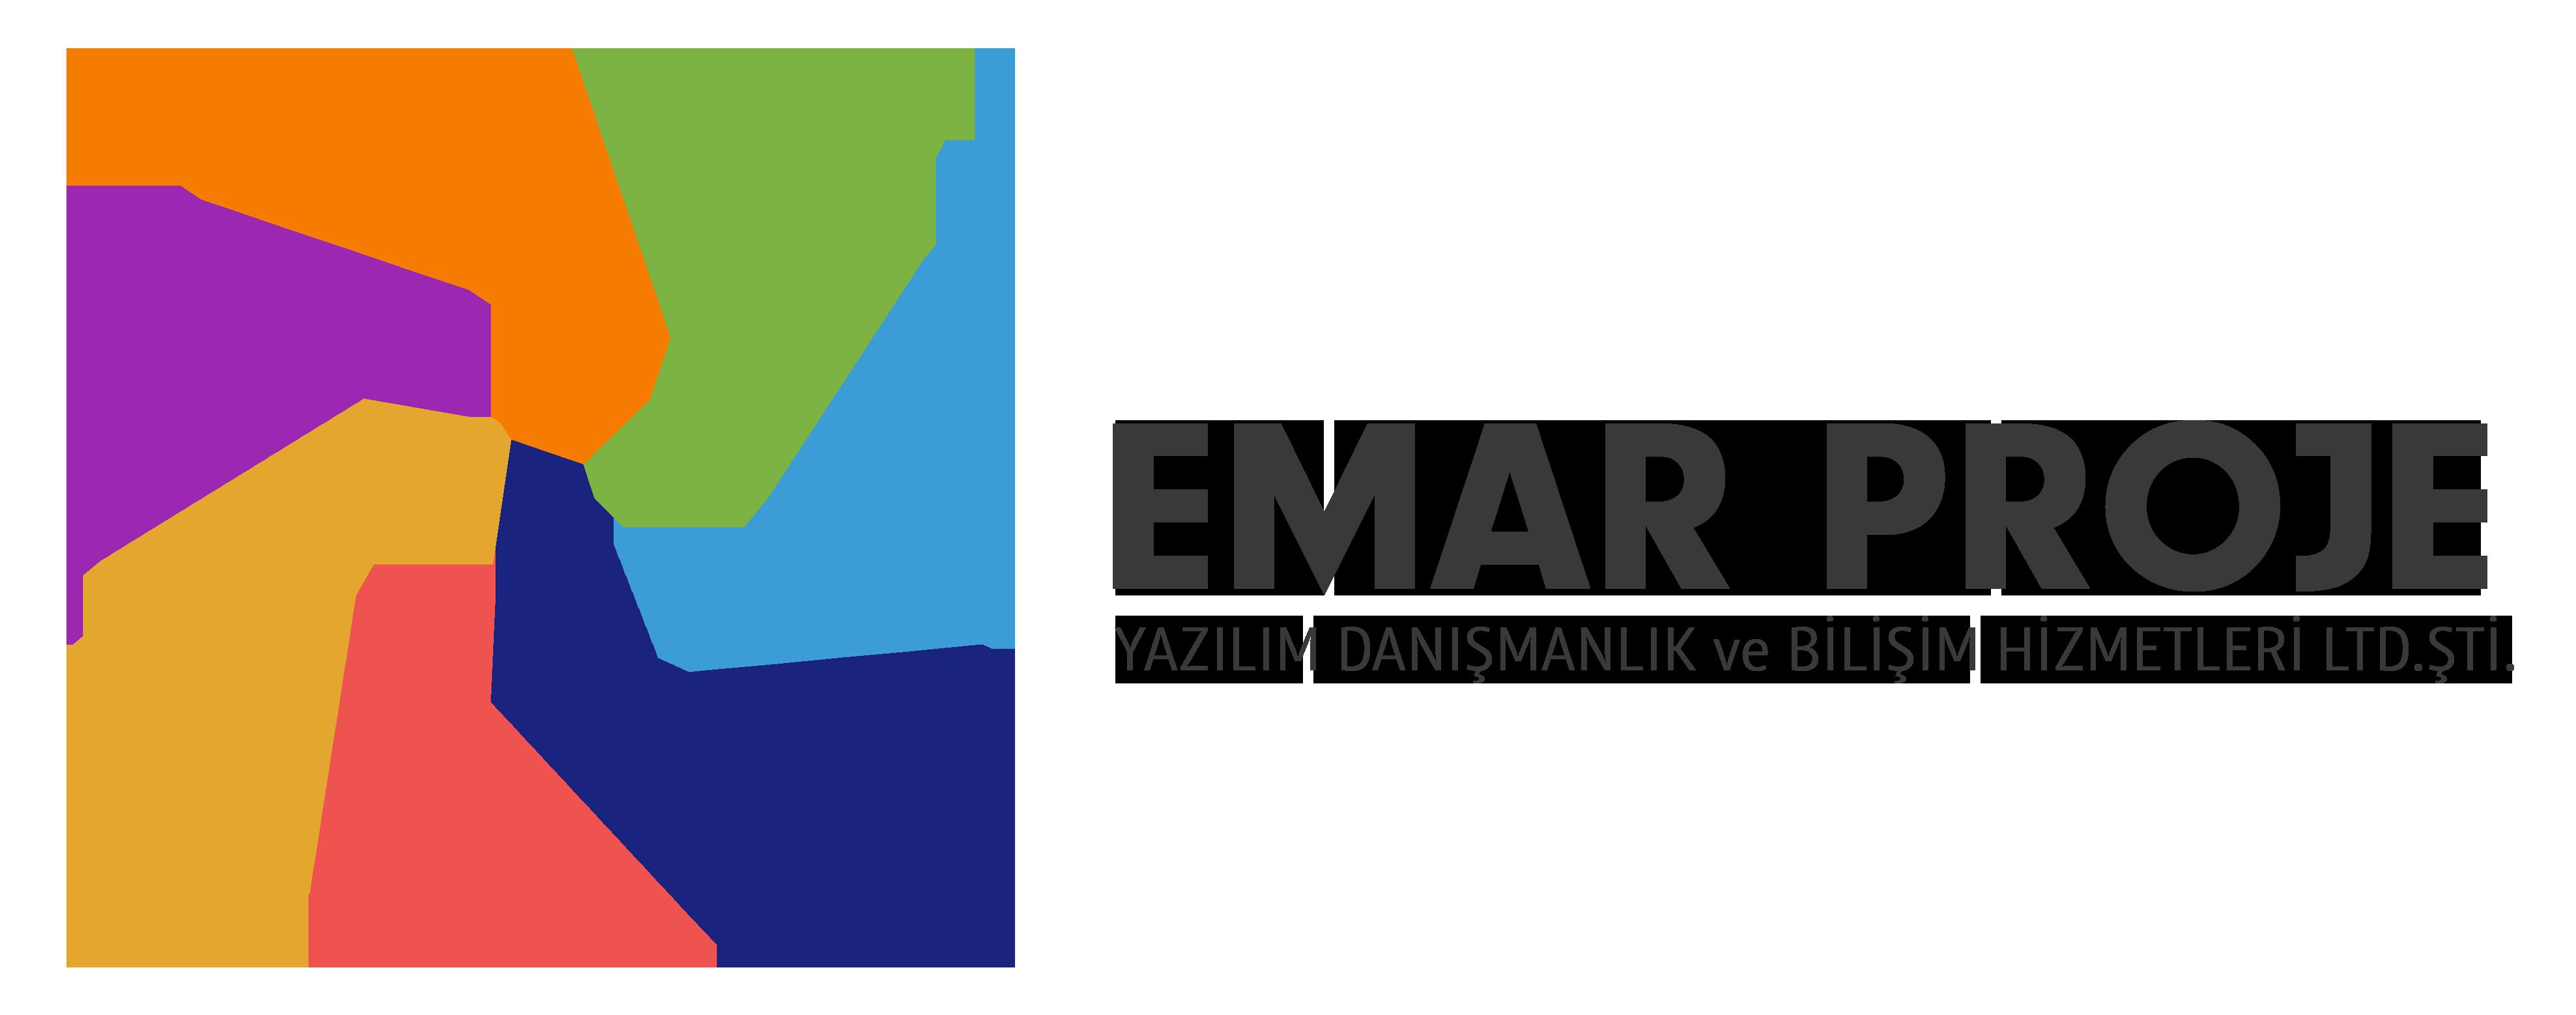 Mrp Yazılım | Emar Yazılım :: Kayseri Logo, Netsis Muhasebe Programı Çözüm Ortağı